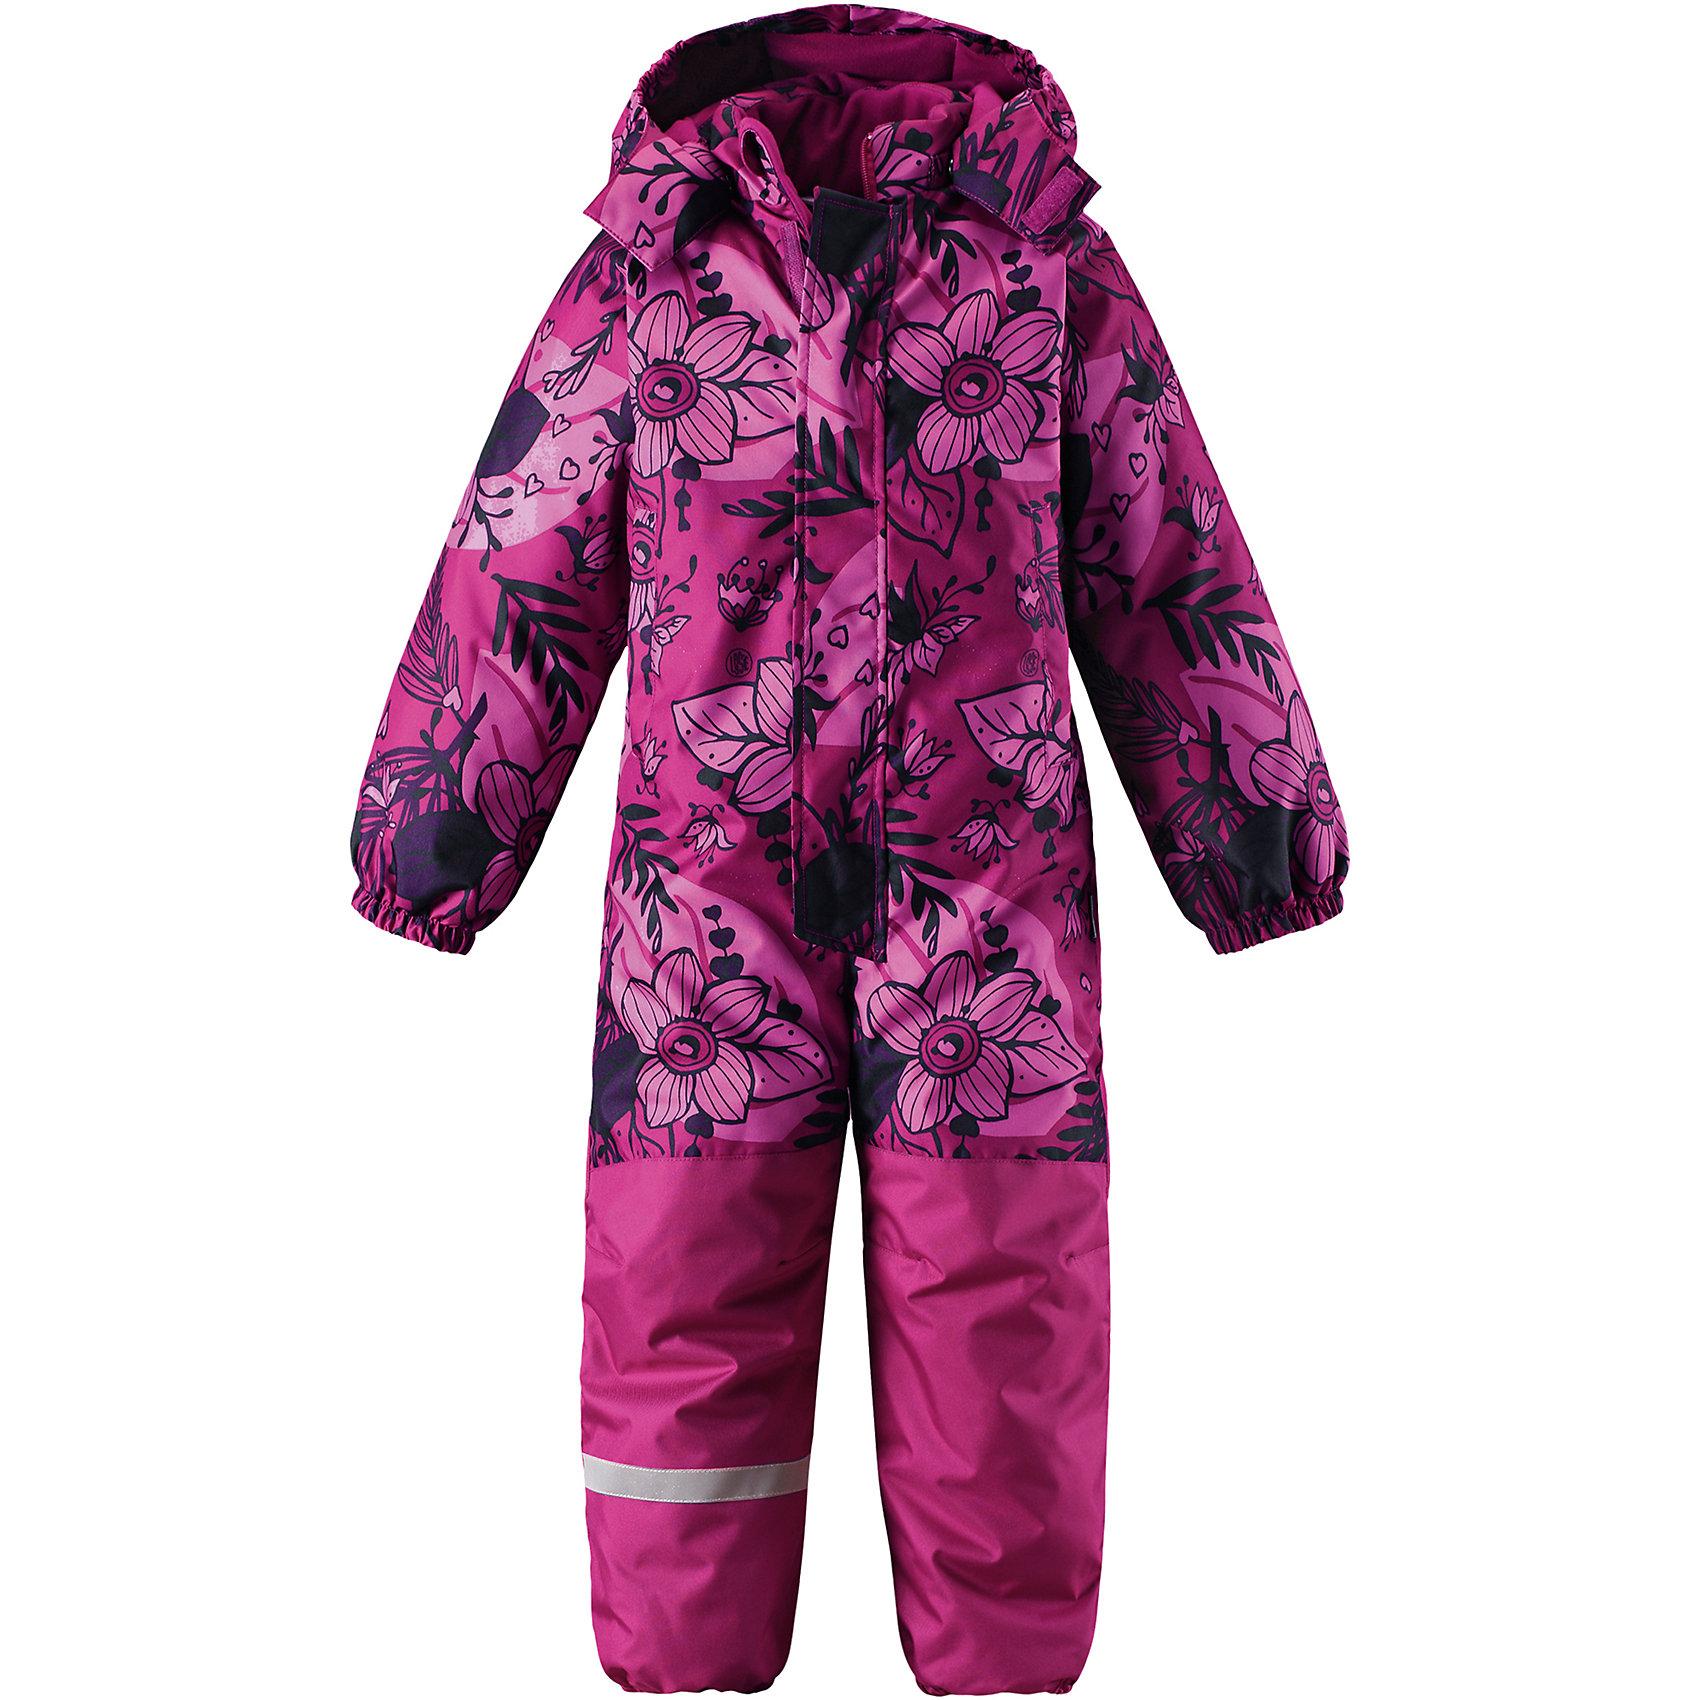 Комбинезон LassieОдежда<br>Характеристики товара:<br><br>• цвет: розовый;<br>• состав: 100% полиэстер, полиуретановое покрытие;<br>• подкладка: 100% полиэстер;<br>• утеплитель: 180 г/м2;<br>• сезон: зима;<br>• температурный режим: от 0 до -20С;<br>• водонепроницаемость: 1000 мм;<br>• воздухопроницаемость: 1000 мм;<br>• износостойкость: 50000 циклов (тест Мартиндейла)<br>• застежка: молния с дополнительной защитной планкой;<br>• сверхпрочный материал;<br>• водоотталкивающий, ветронепроницаемый и дышащий материал;<br>• задний серединный шов проклеен;<br>• гладкая подкладка из полиэстера;<br>• безопасный съемный капюшон на кнопках; <br>• эластичная талия, манжеты рукавов и низ штанин;<br>• съемные эластичные штрипки;<br>• два прорезных кармана на липучке;<br>• светоотражающие детали;<br>• страна бренда: Финляндия;<br>• страна изготовитель: Китай;<br><br>Этот классический детский зимний комбинезон с капюшоном – превосходное дополнение к зимнему гардеробу! Он изготовлен из сверхпрочного материала и поэтому станет идеальным выбором для активных детей, которые любят играть на свежем воздухе. Съемный капюшон обеспечивает дополнительную безопасность и эффективно защищает щечки от морозного ветра, а съемные штрипки не дадут концам брючин задираться во время веселых игр на свежем воздухе. Обратите внимание: комбинезон снабжен удобным карманом на липучке.<br><br>Комбинезон Lassie (Ласси) можно купить в нашем интернет-магазине.<br><br>Ширина мм: 356<br>Глубина мм: 10<br>Высота мм: 245<br>Вес г: 519<br>Цвет: розовый<br>Возраст от месяцев: 84<br>Возраст до месяцев: 96<br>Пол: Женский<br>Возраст: Детский<br>Размер: 128,92,98,104,110,116,122<br>SKU: 6927319